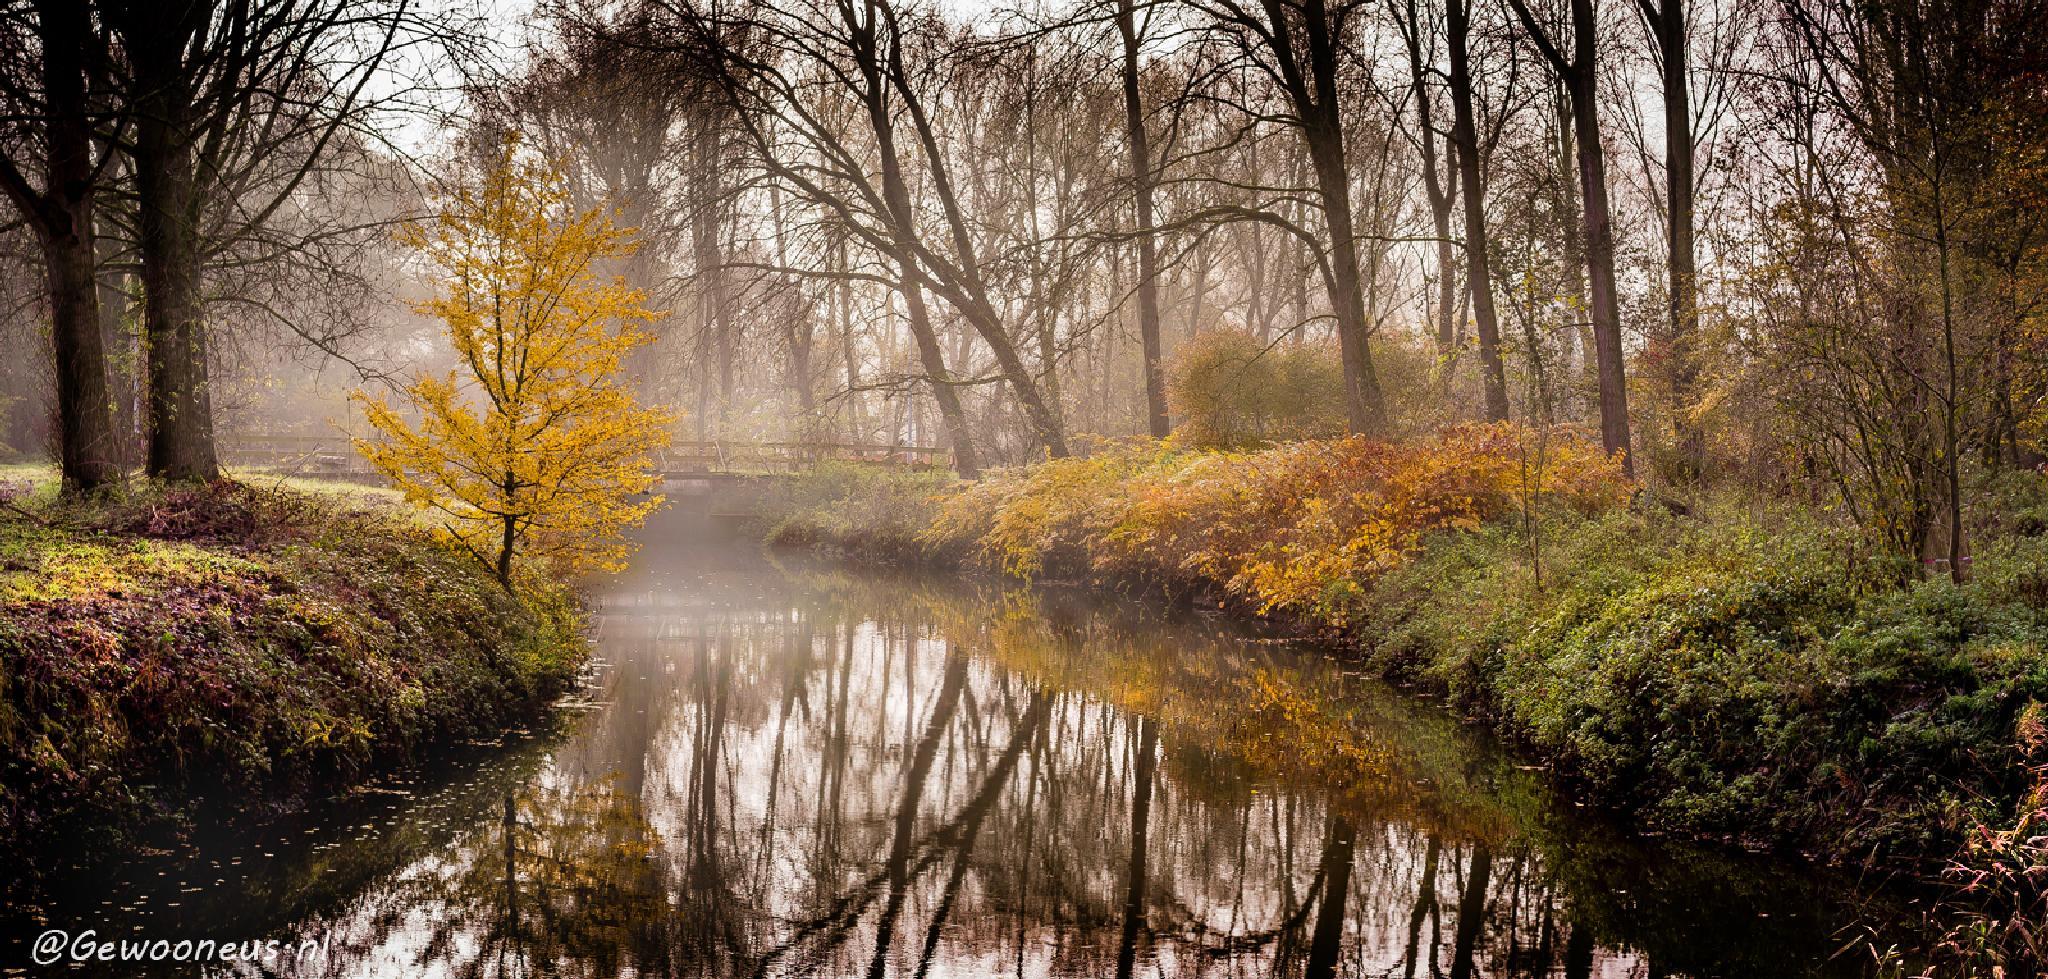 Dommel.. little river near Eindhoven by Gewooneus